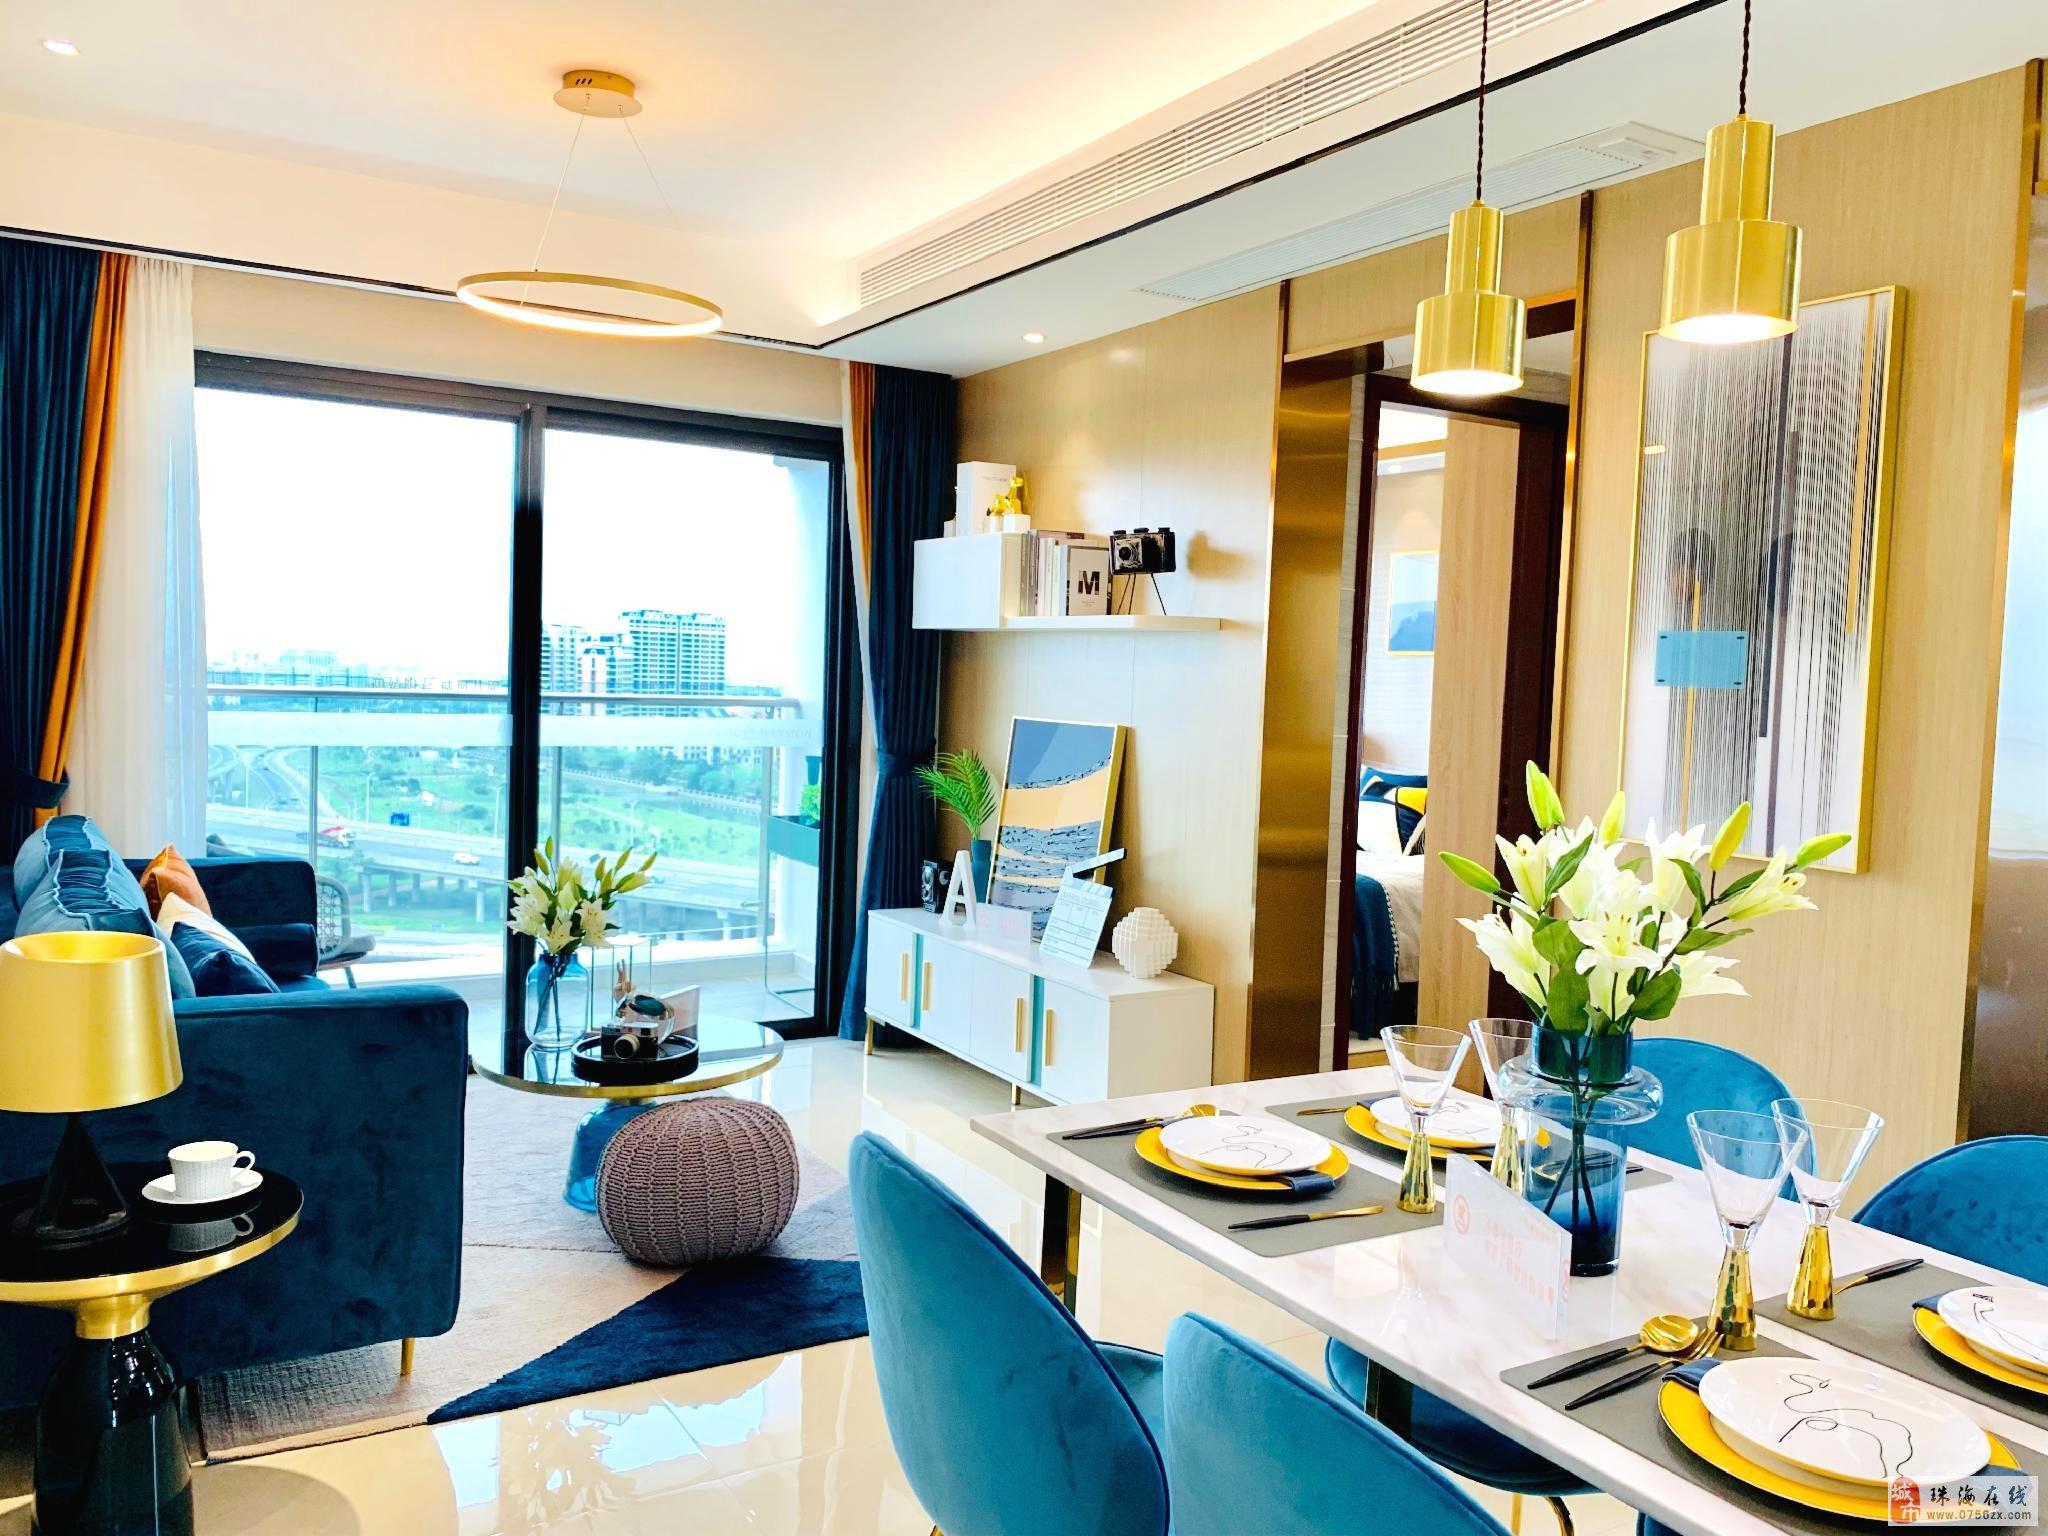 57平米海景2房,带精装修,首付仅需1成明年收楼,来电约看房